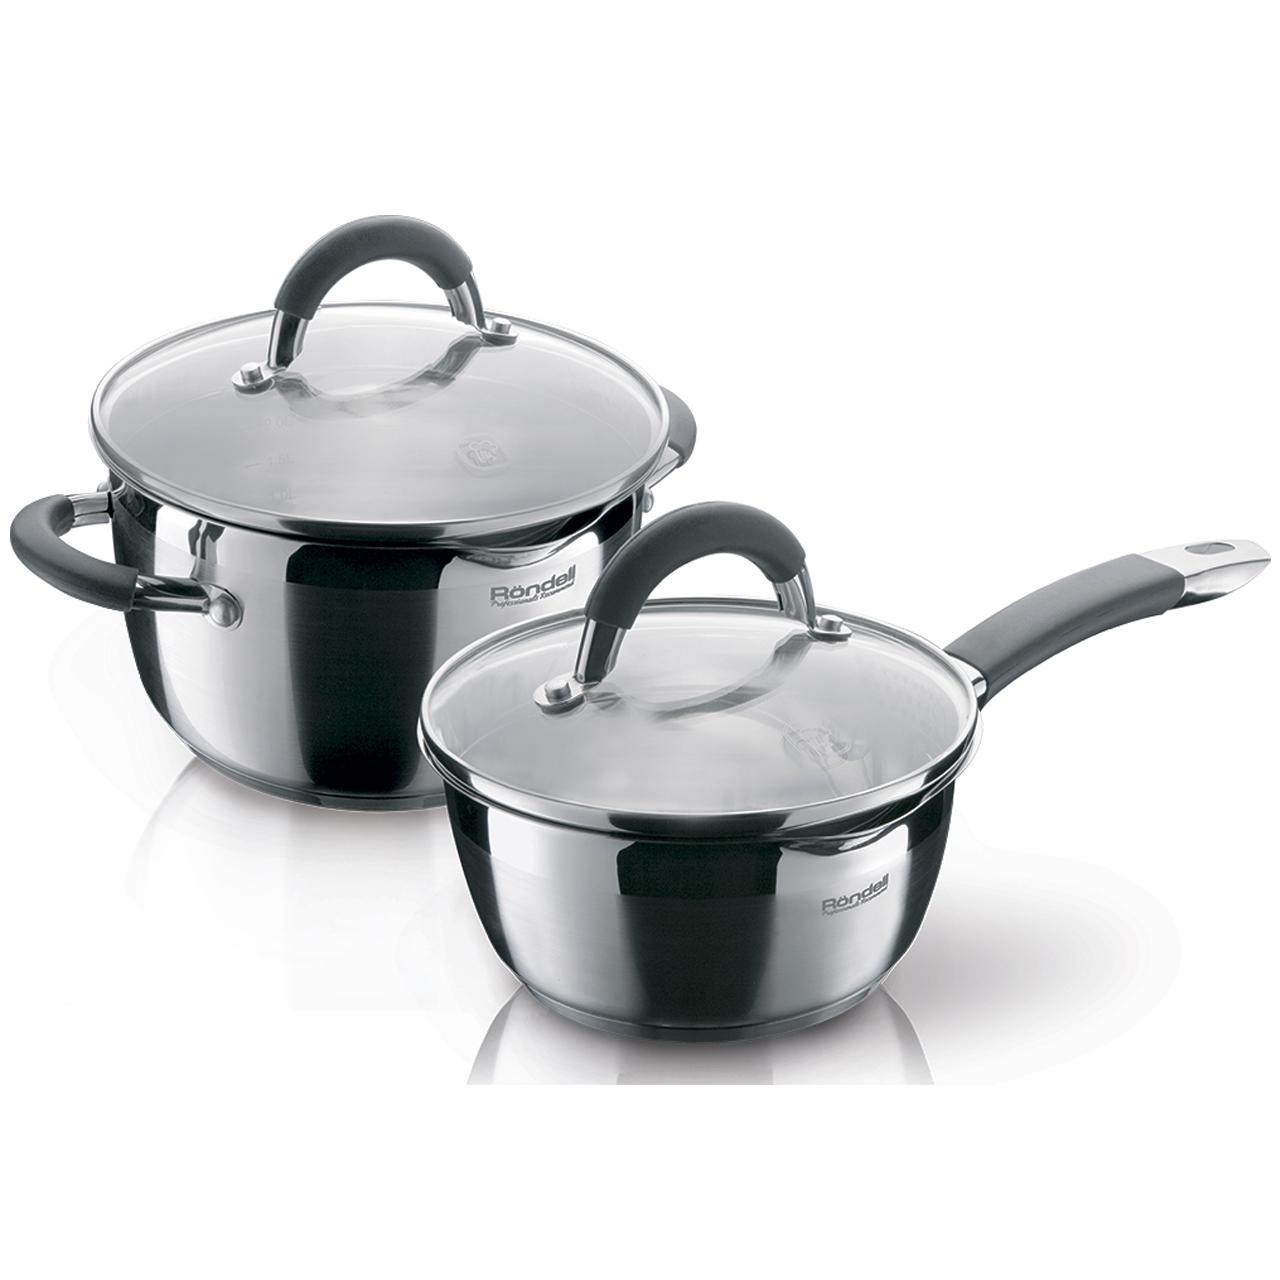 Набор посуды для приготовления Rondell Flamme 4 предметов RDS-340 набор посуды hoffberg 17 предметов цвет белый 1729hff